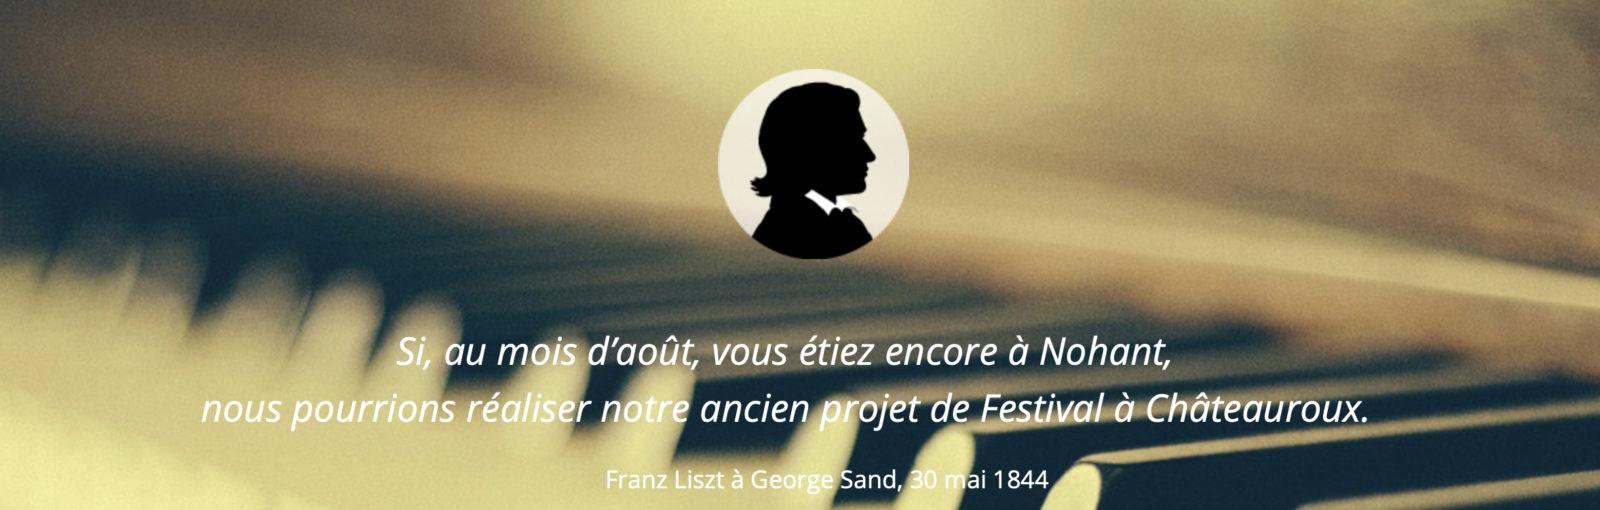 Lisztomanias de Châteauroux 2019 Phrase de George Sand